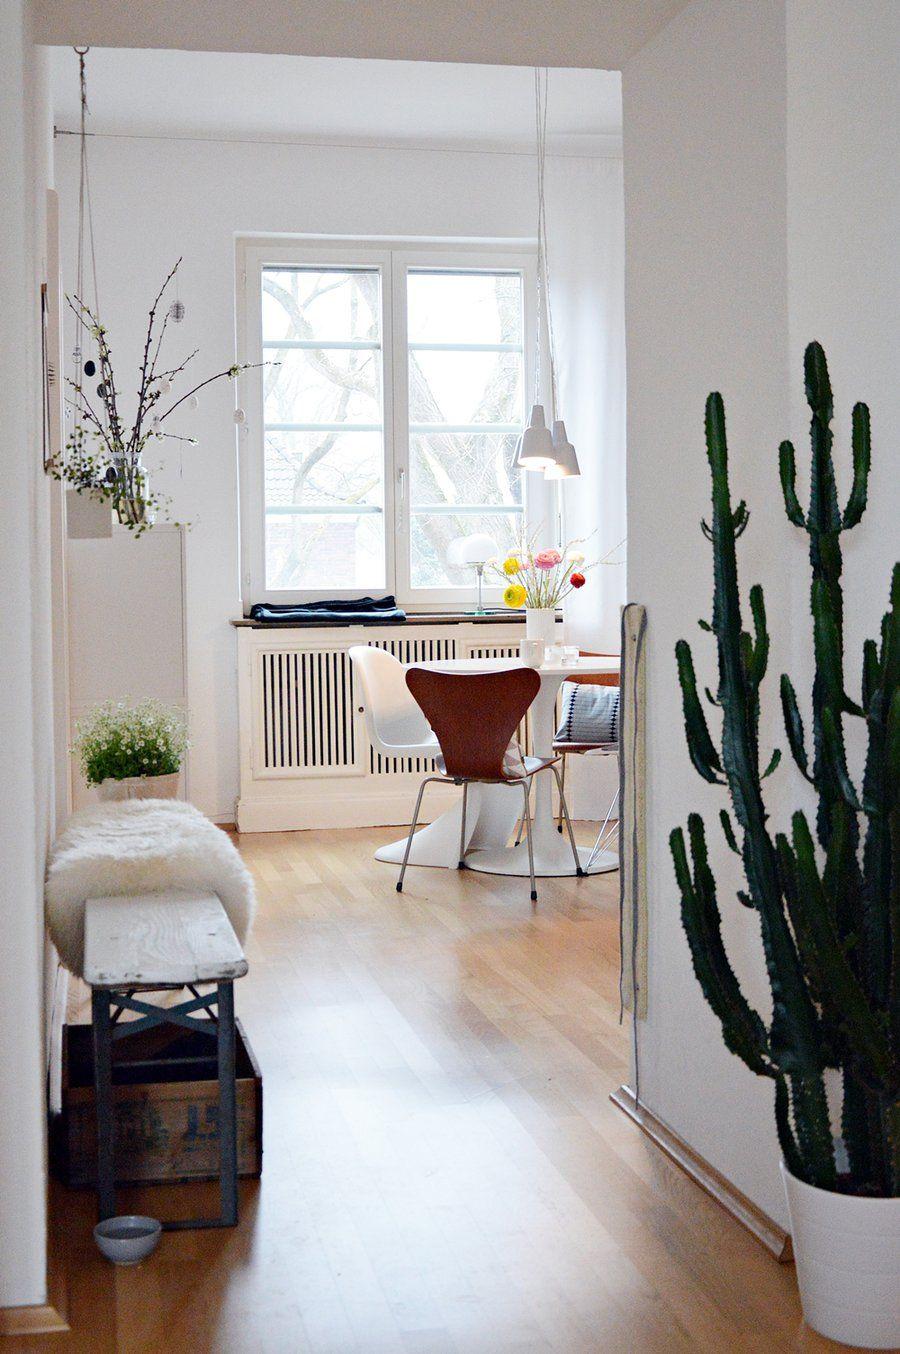 sch nes wohnen erfordert kein gro es budget zu besuch. Black Bedroom Furniture Sets. Home Design Ideas